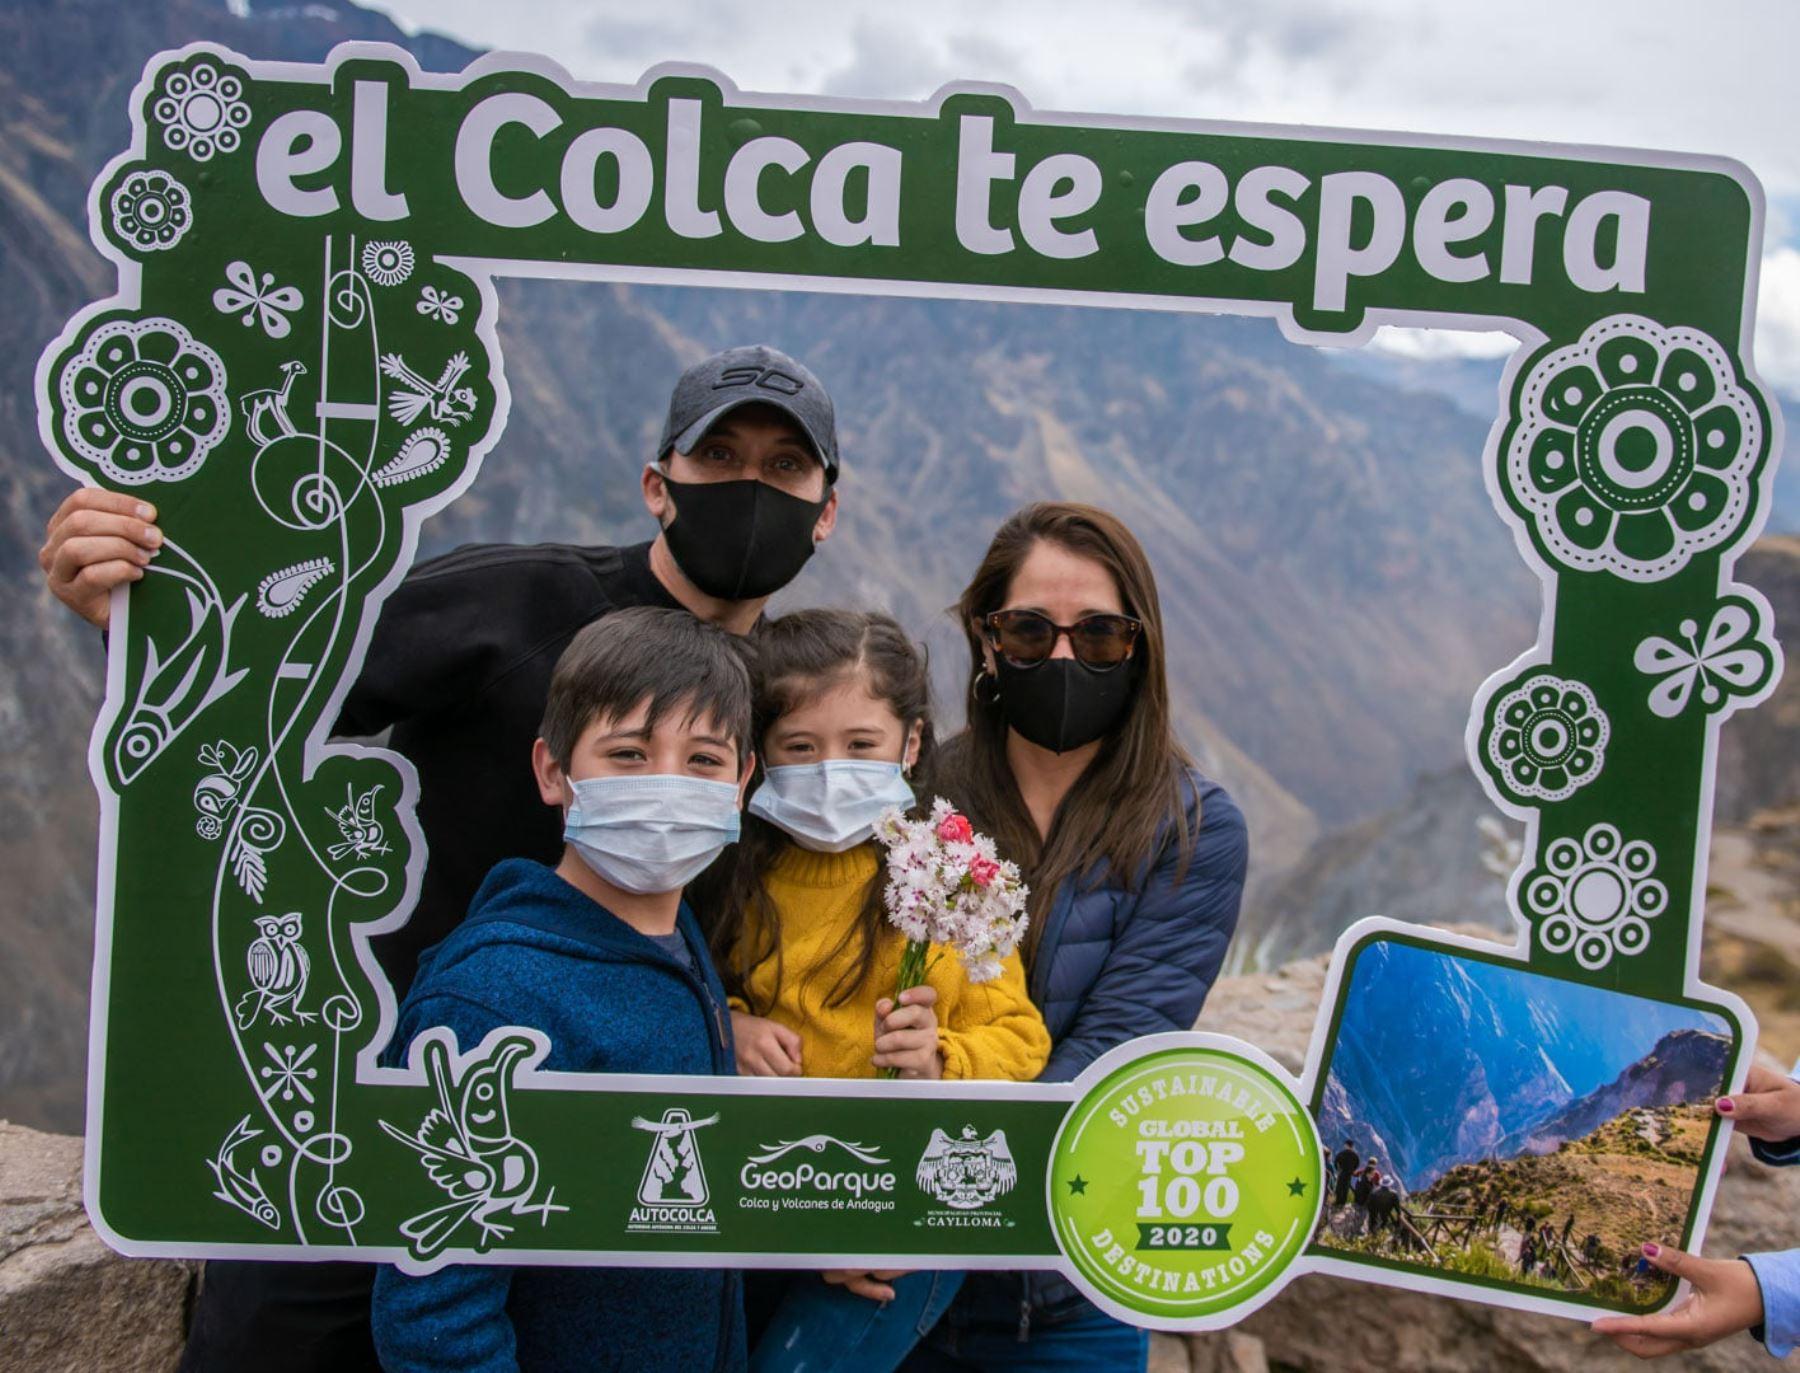 Desde hoy hasta el jueves 4 de marzo dos visitantes podrán ingresar al Valle de Colca, el principal atractivo de Arequipa, pagando solo una entrada. Foto:ANDINA/Difusión.